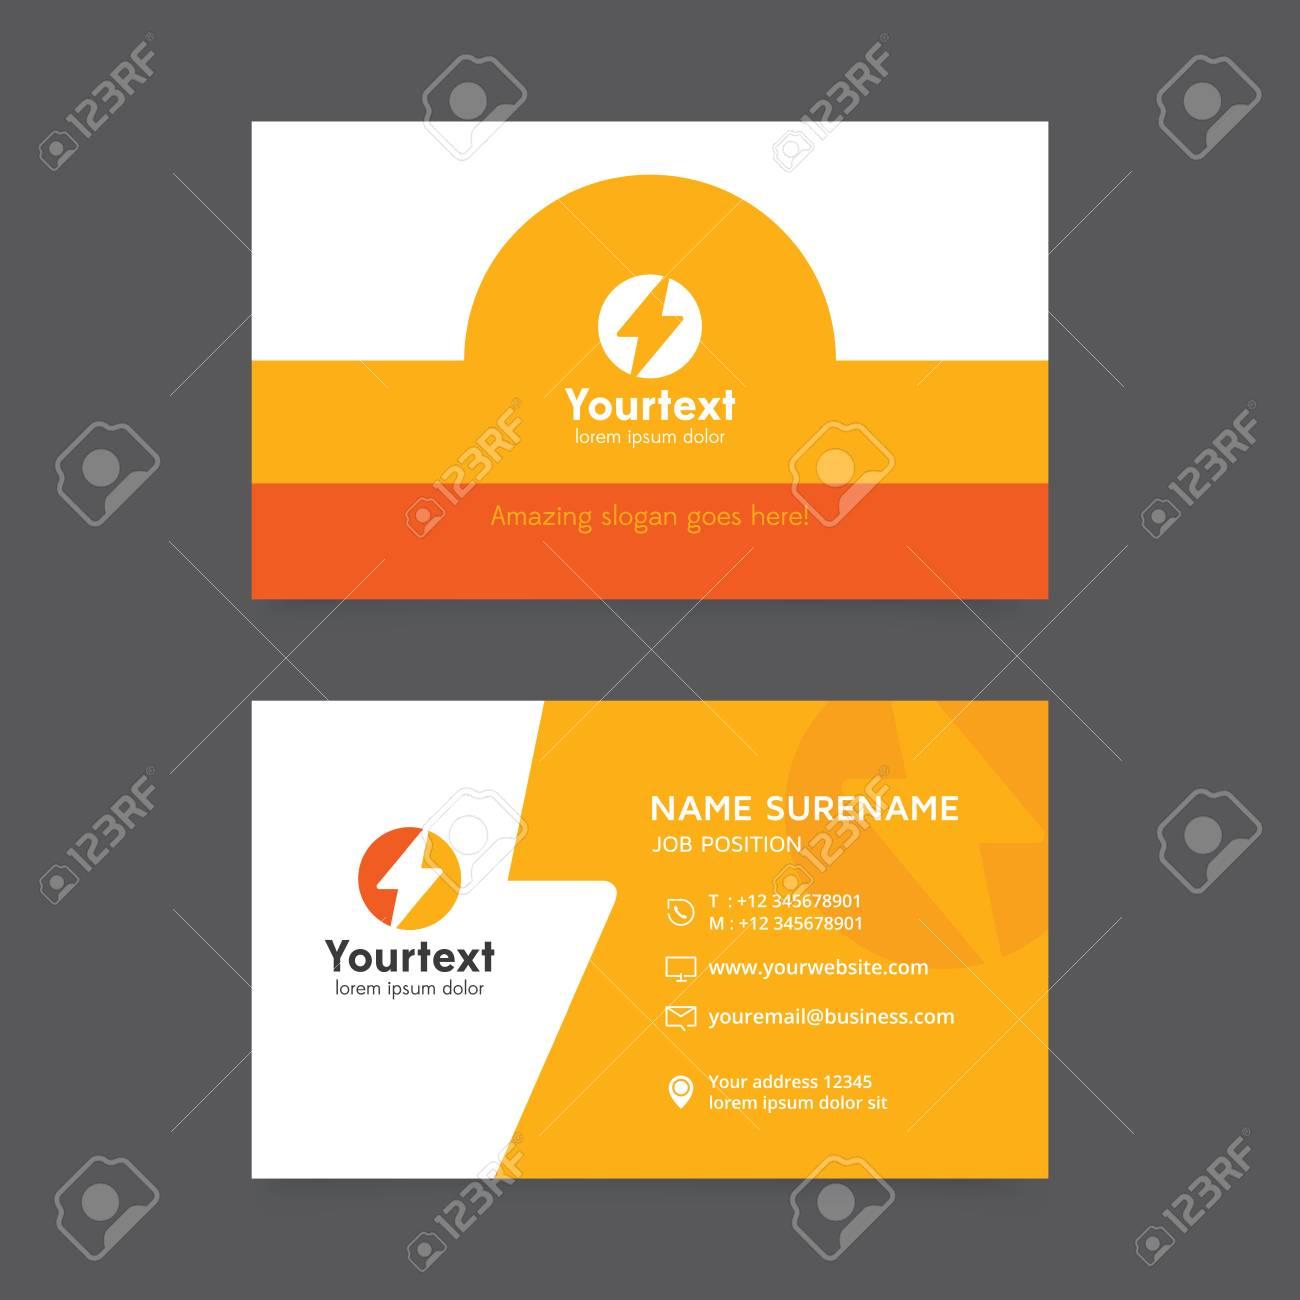 Carte De Visite Crative En Couleur Jaune Et Orange Vecteur Moderne Cratif Modle Design Plat Avec Logo Symbole